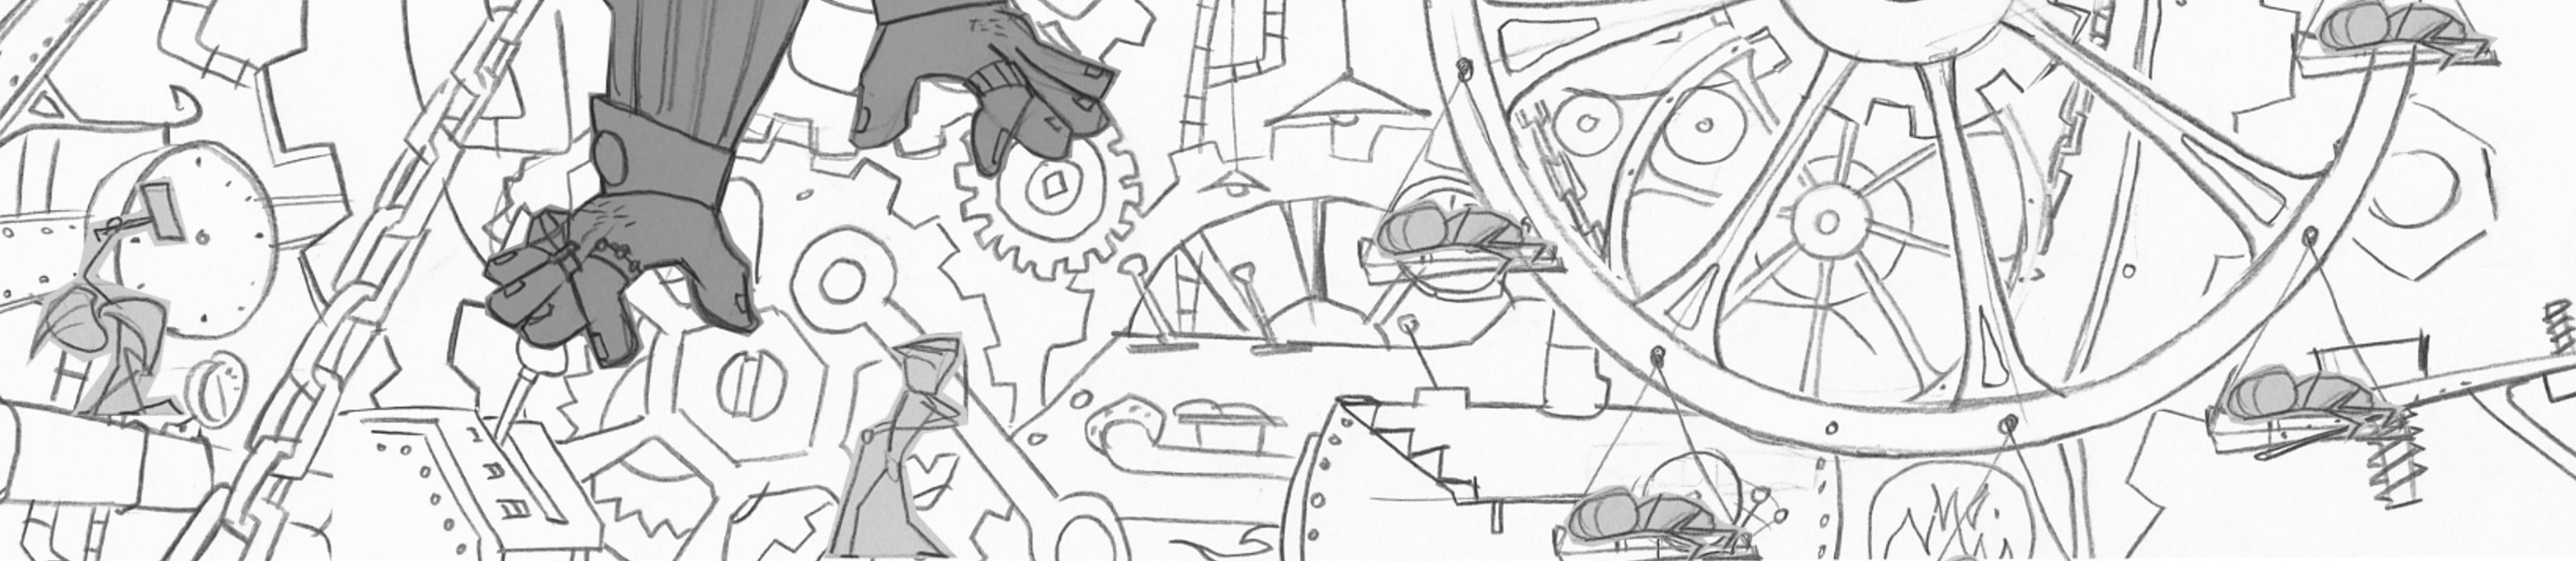 Entscheiden_Storyboard_03